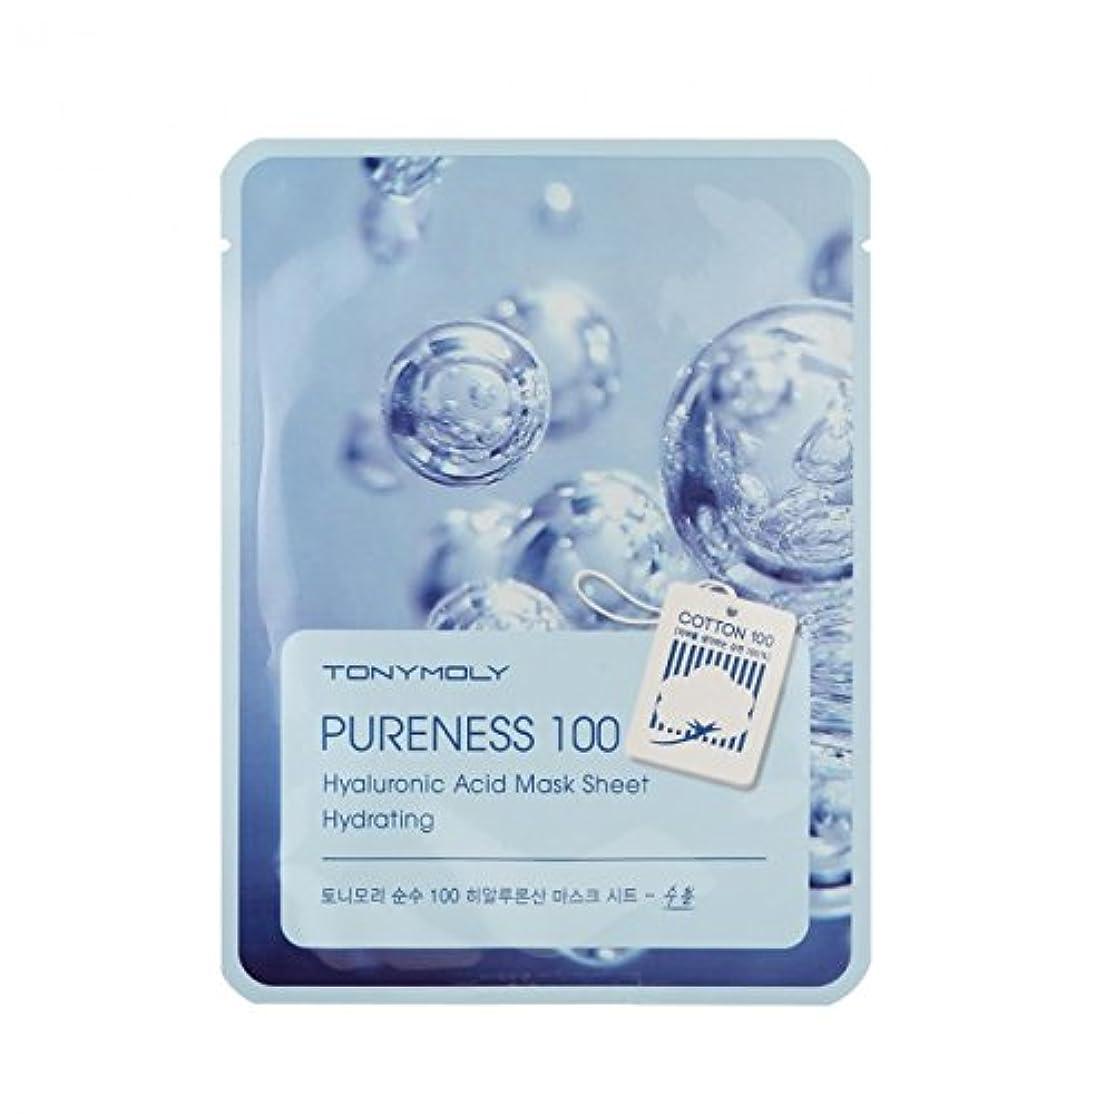 改善持つ櫛TONYMOLY Pureness 100 Hyaluronic Acid Mask Sheet Hydrating (並行輸入品)